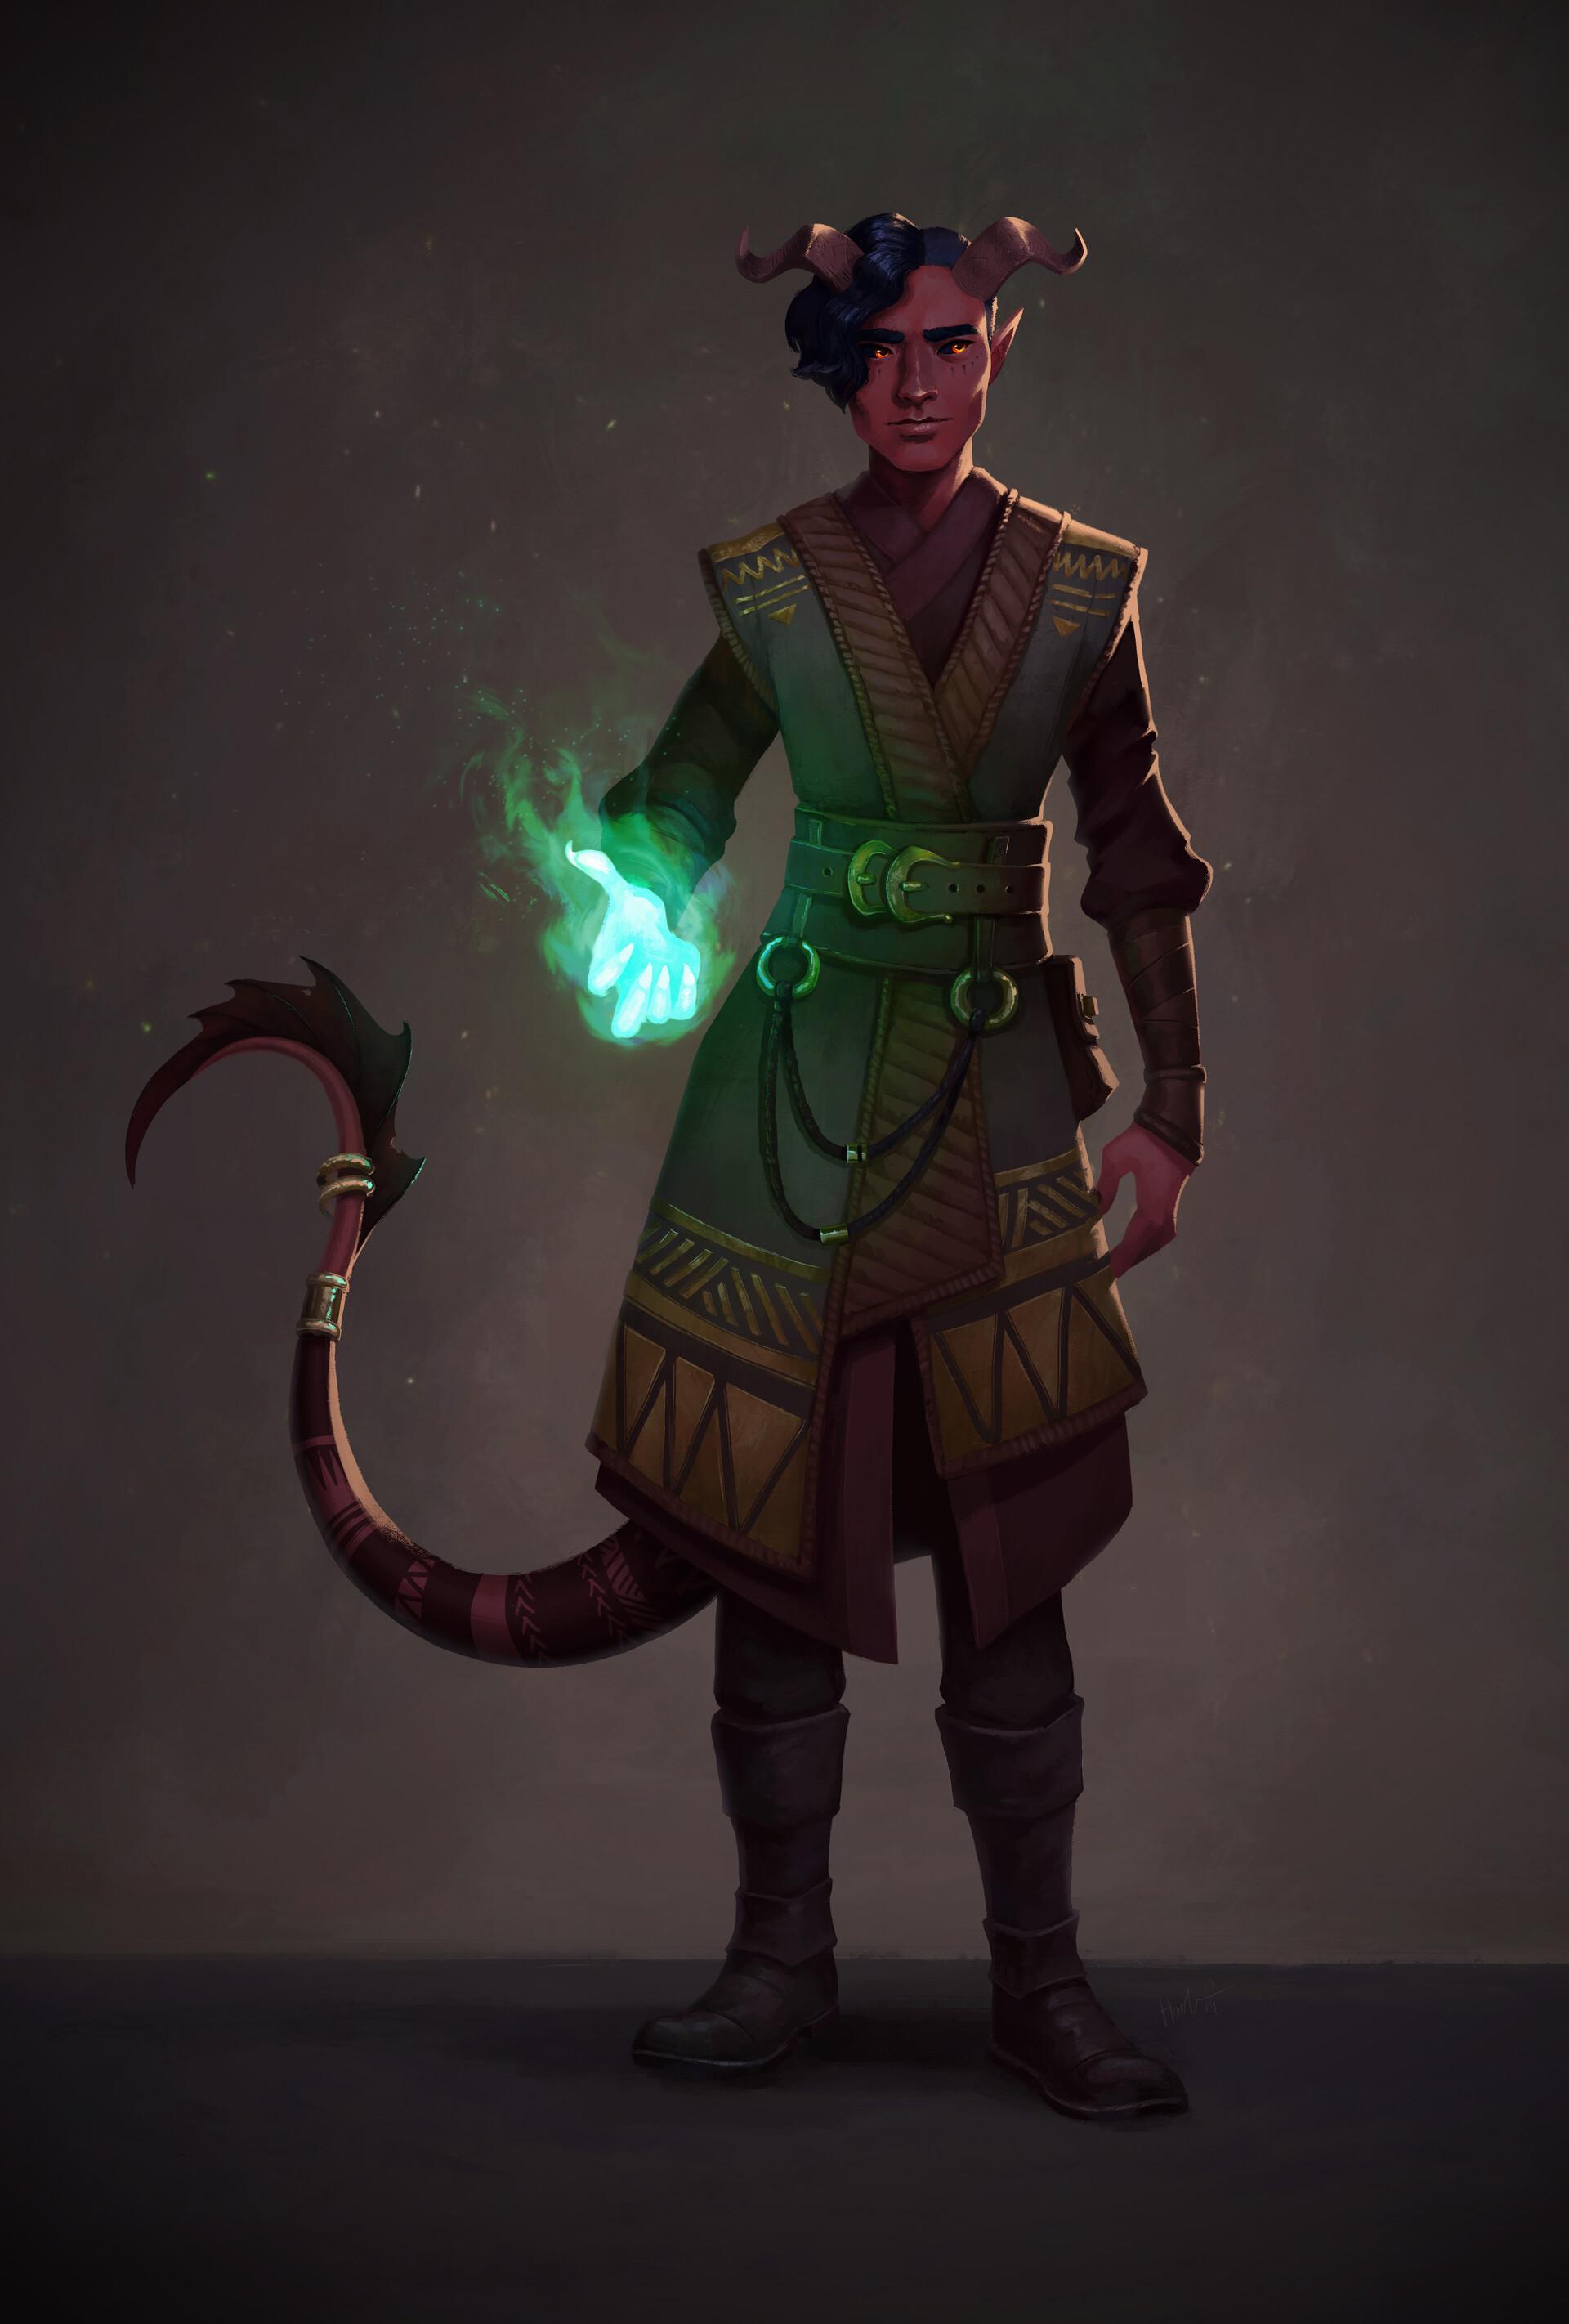 Tiefling Face Generator Dungeons & dragons tabaxi name generator. tiefling face generator